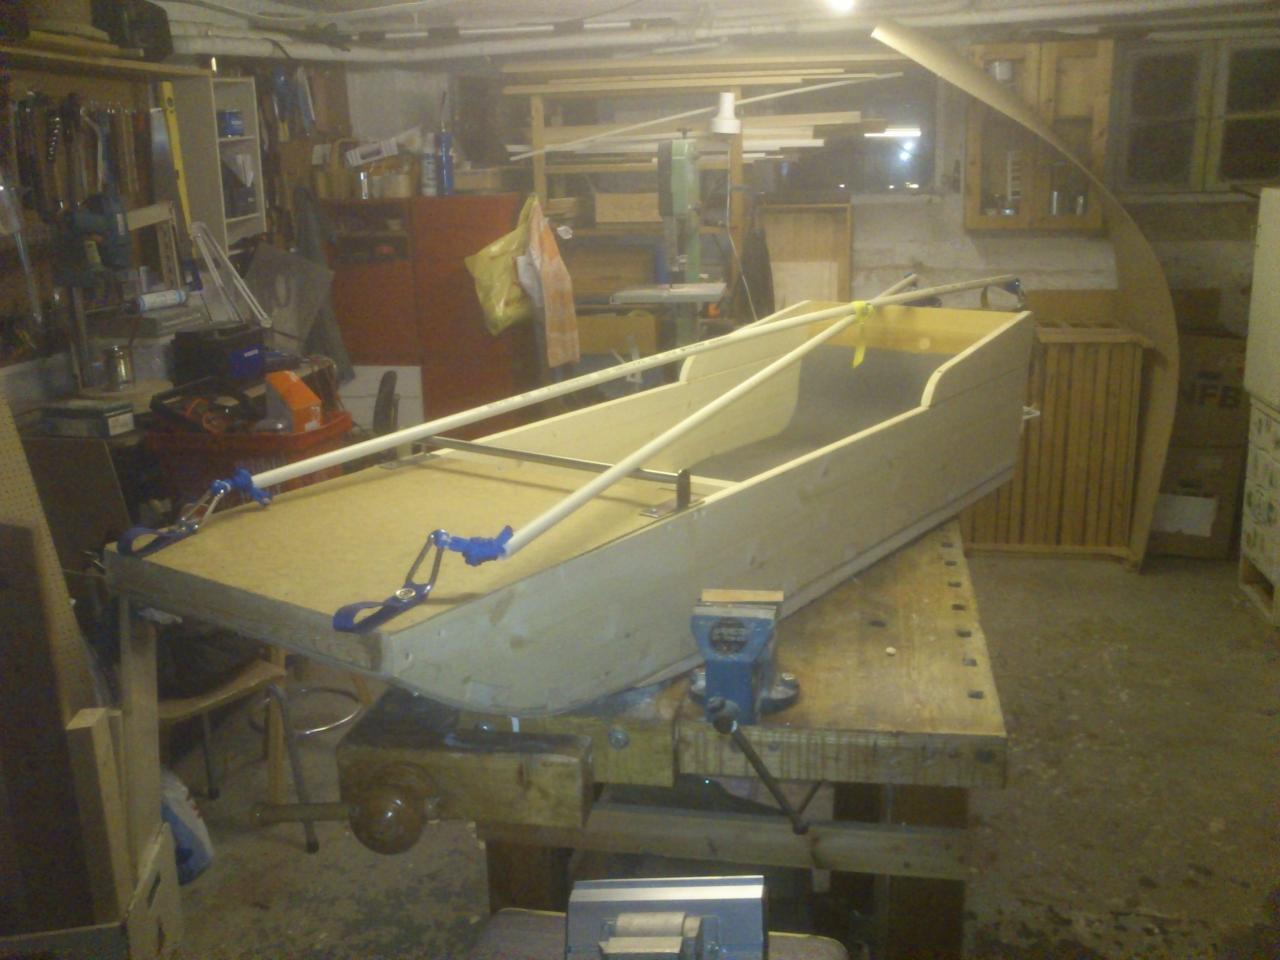 Diy Ski Pulk